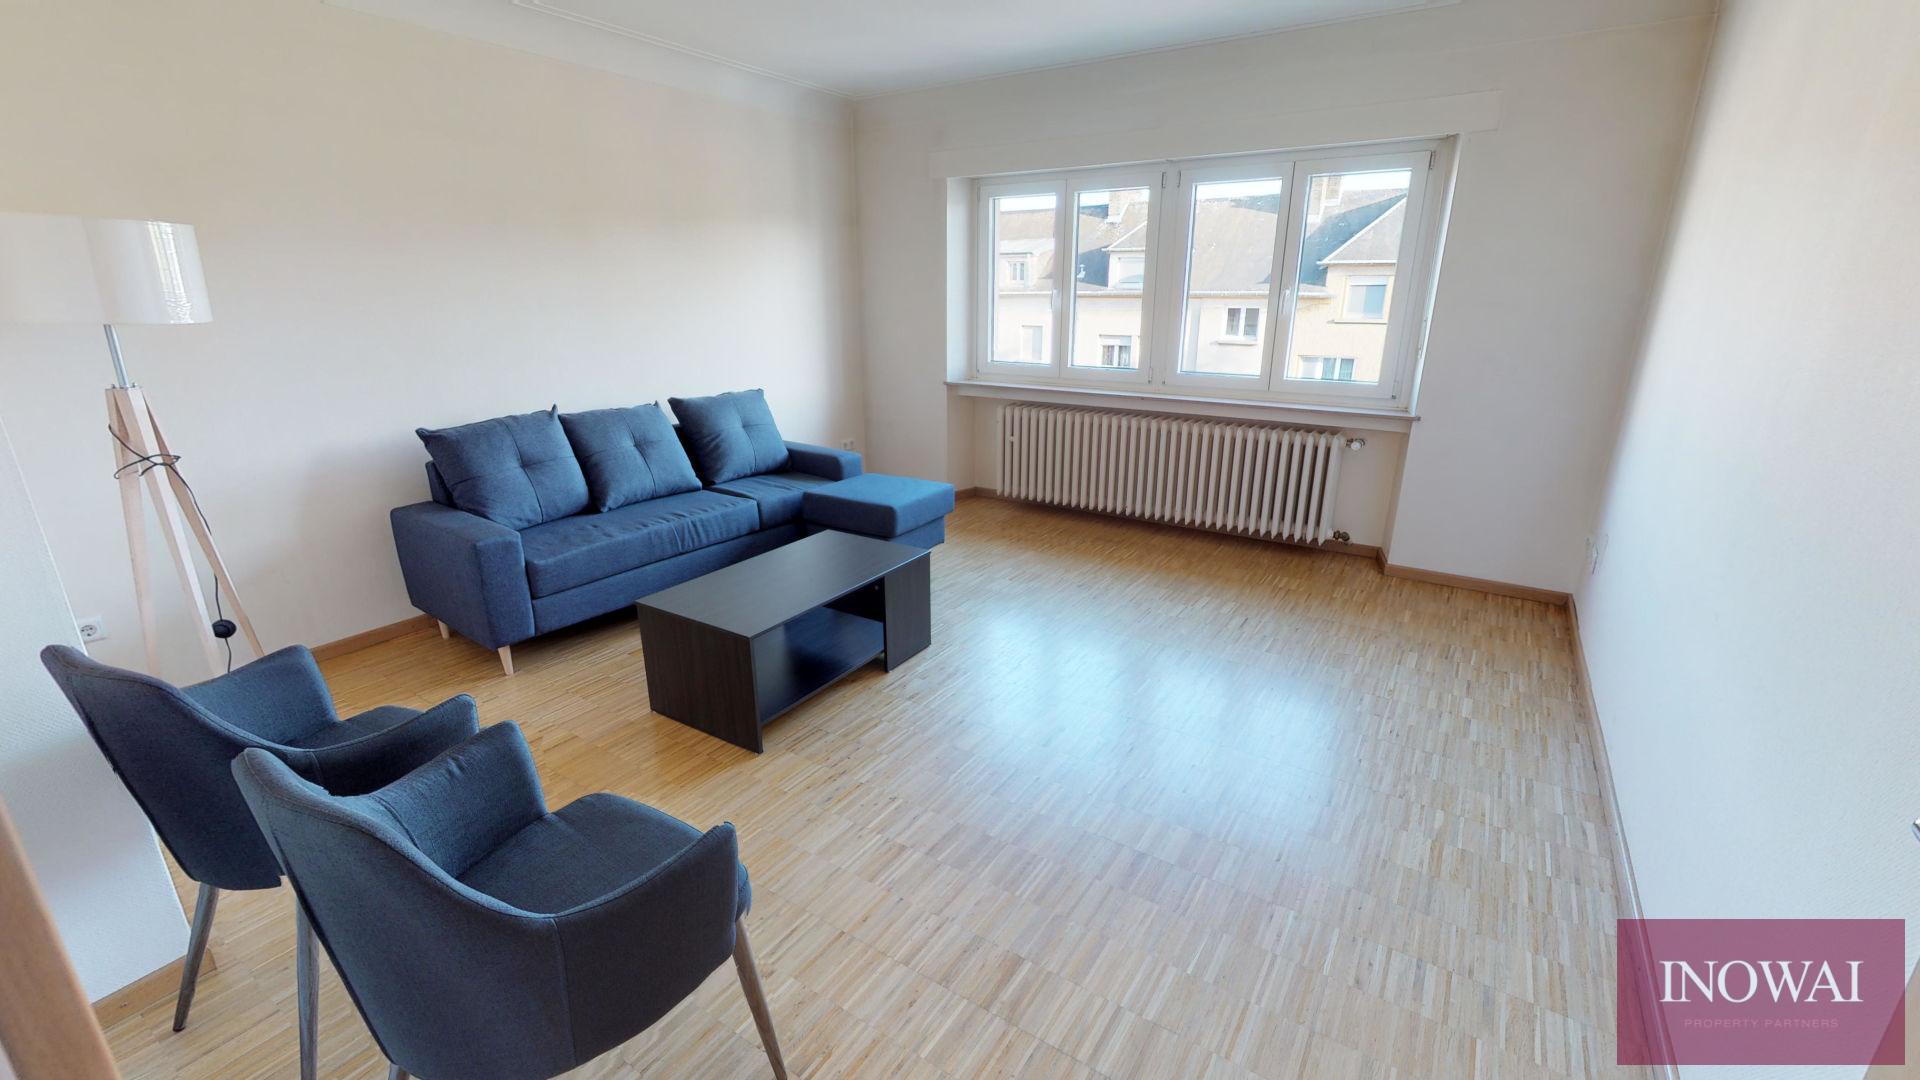 Appartement 2 chambres meublé - Courte durée